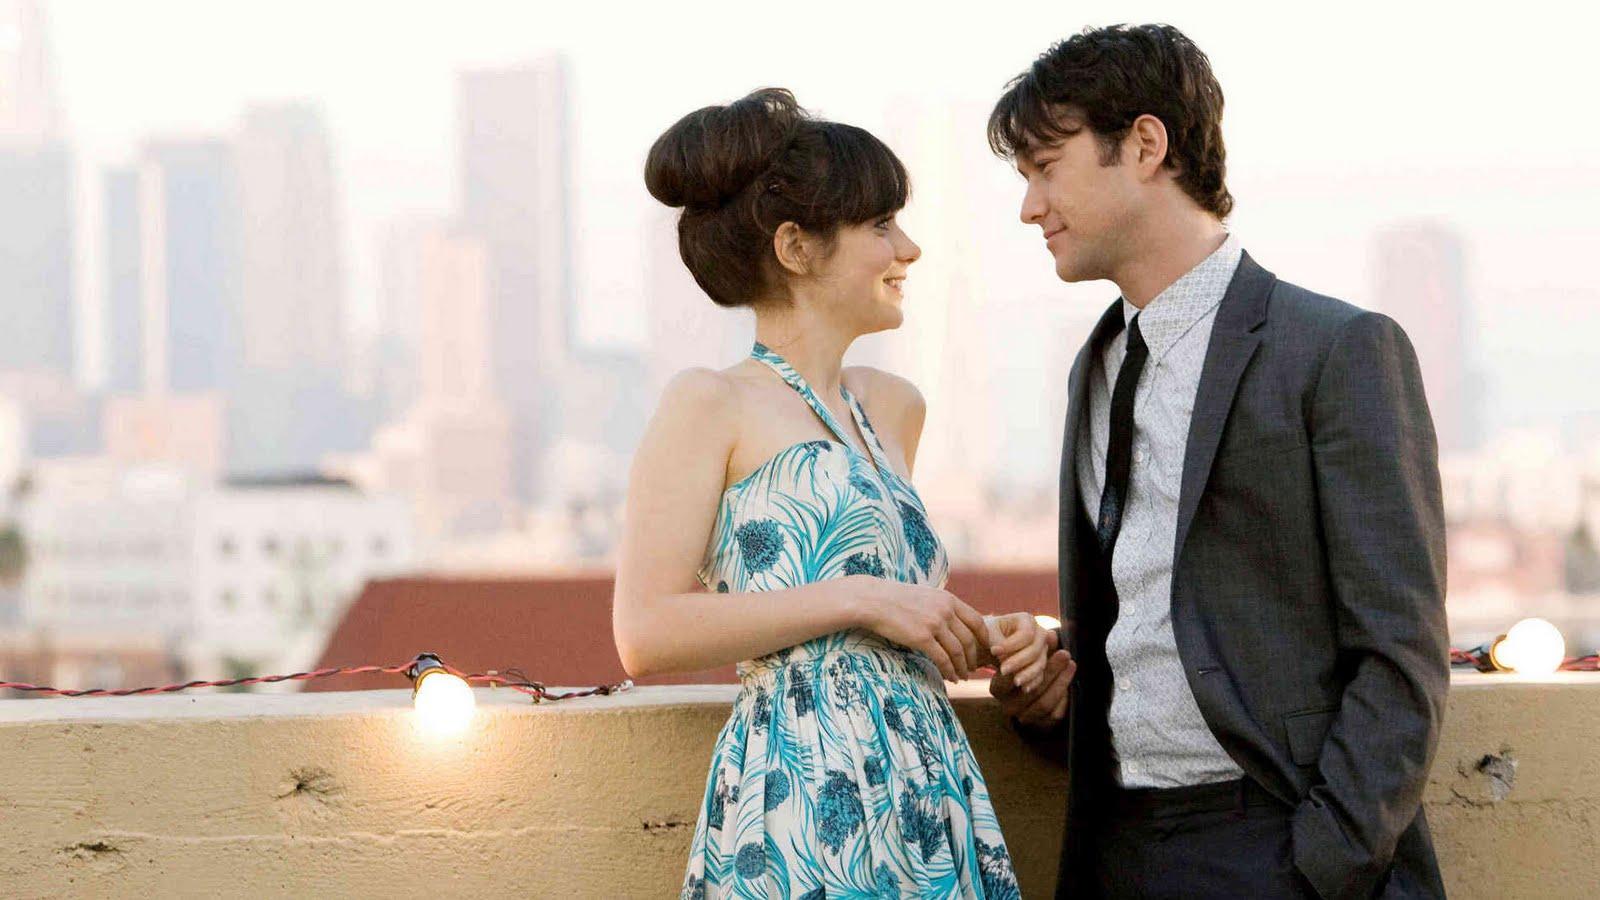 【電影。推薦】《戀夏500日》為愛受的傷,完整了我們的過往 –  陪你面對搞砸的人生